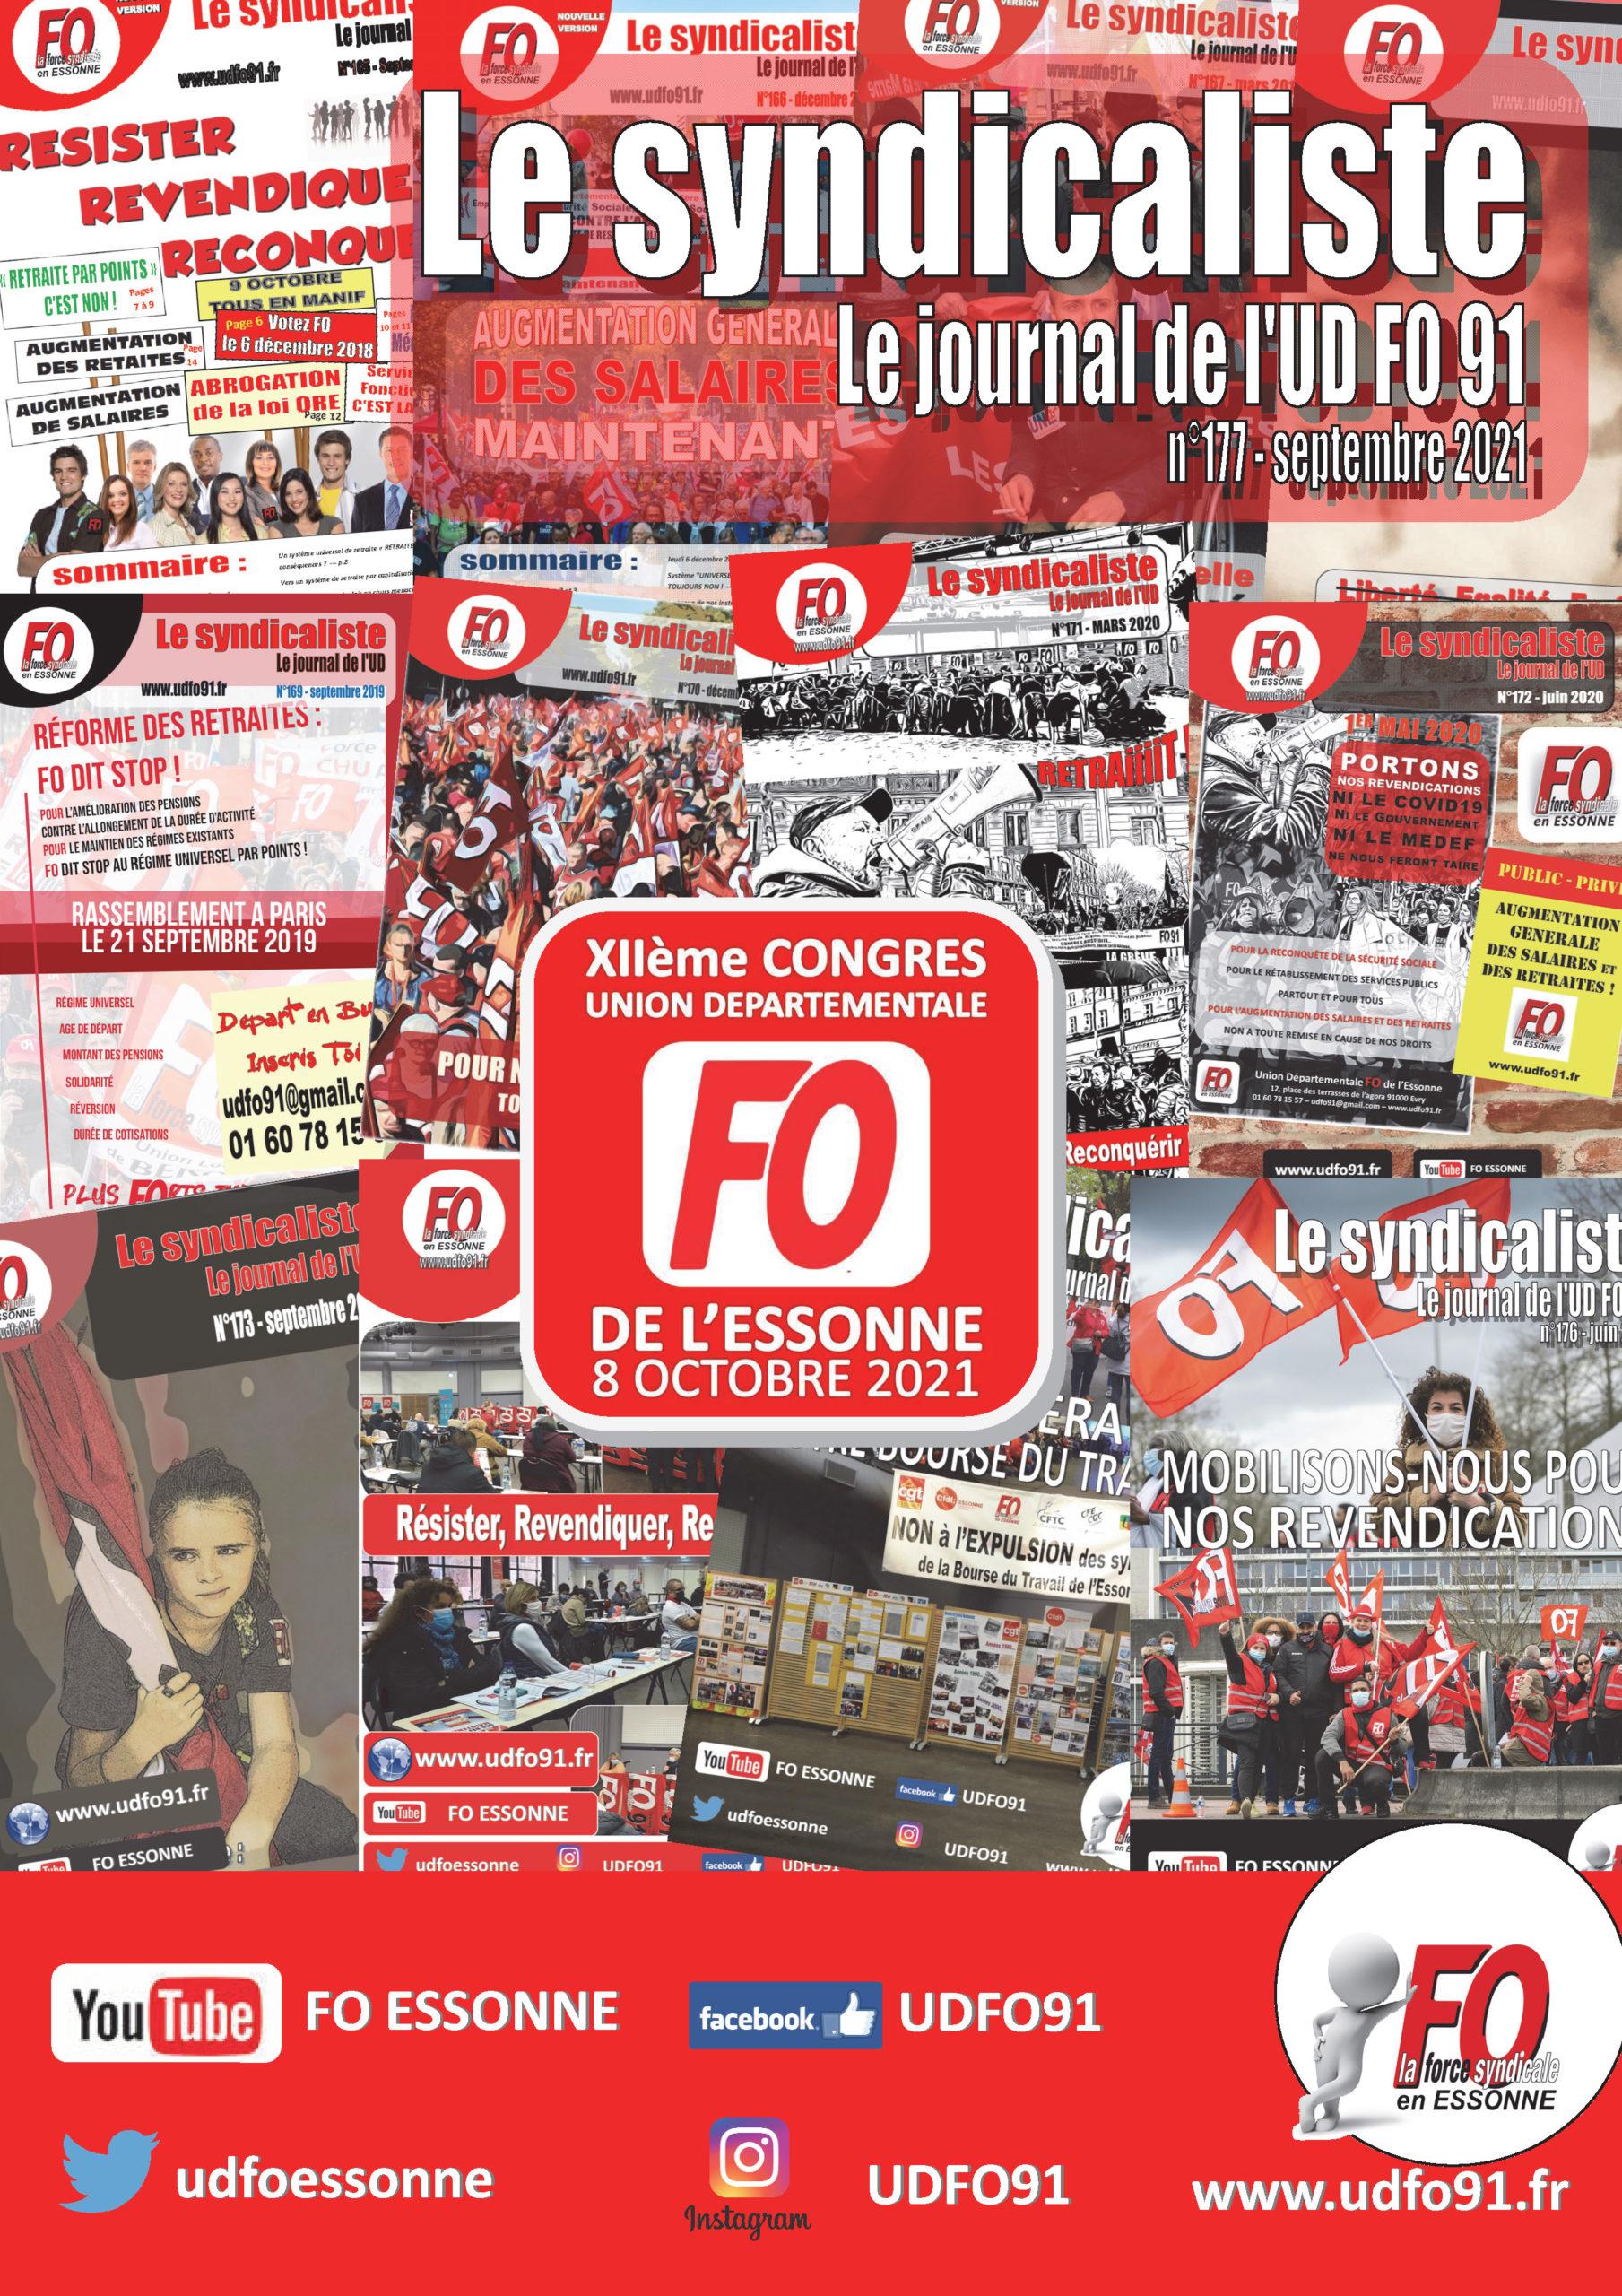 Image of Le SYNDICALISTE - Journal de l'UD FO 91